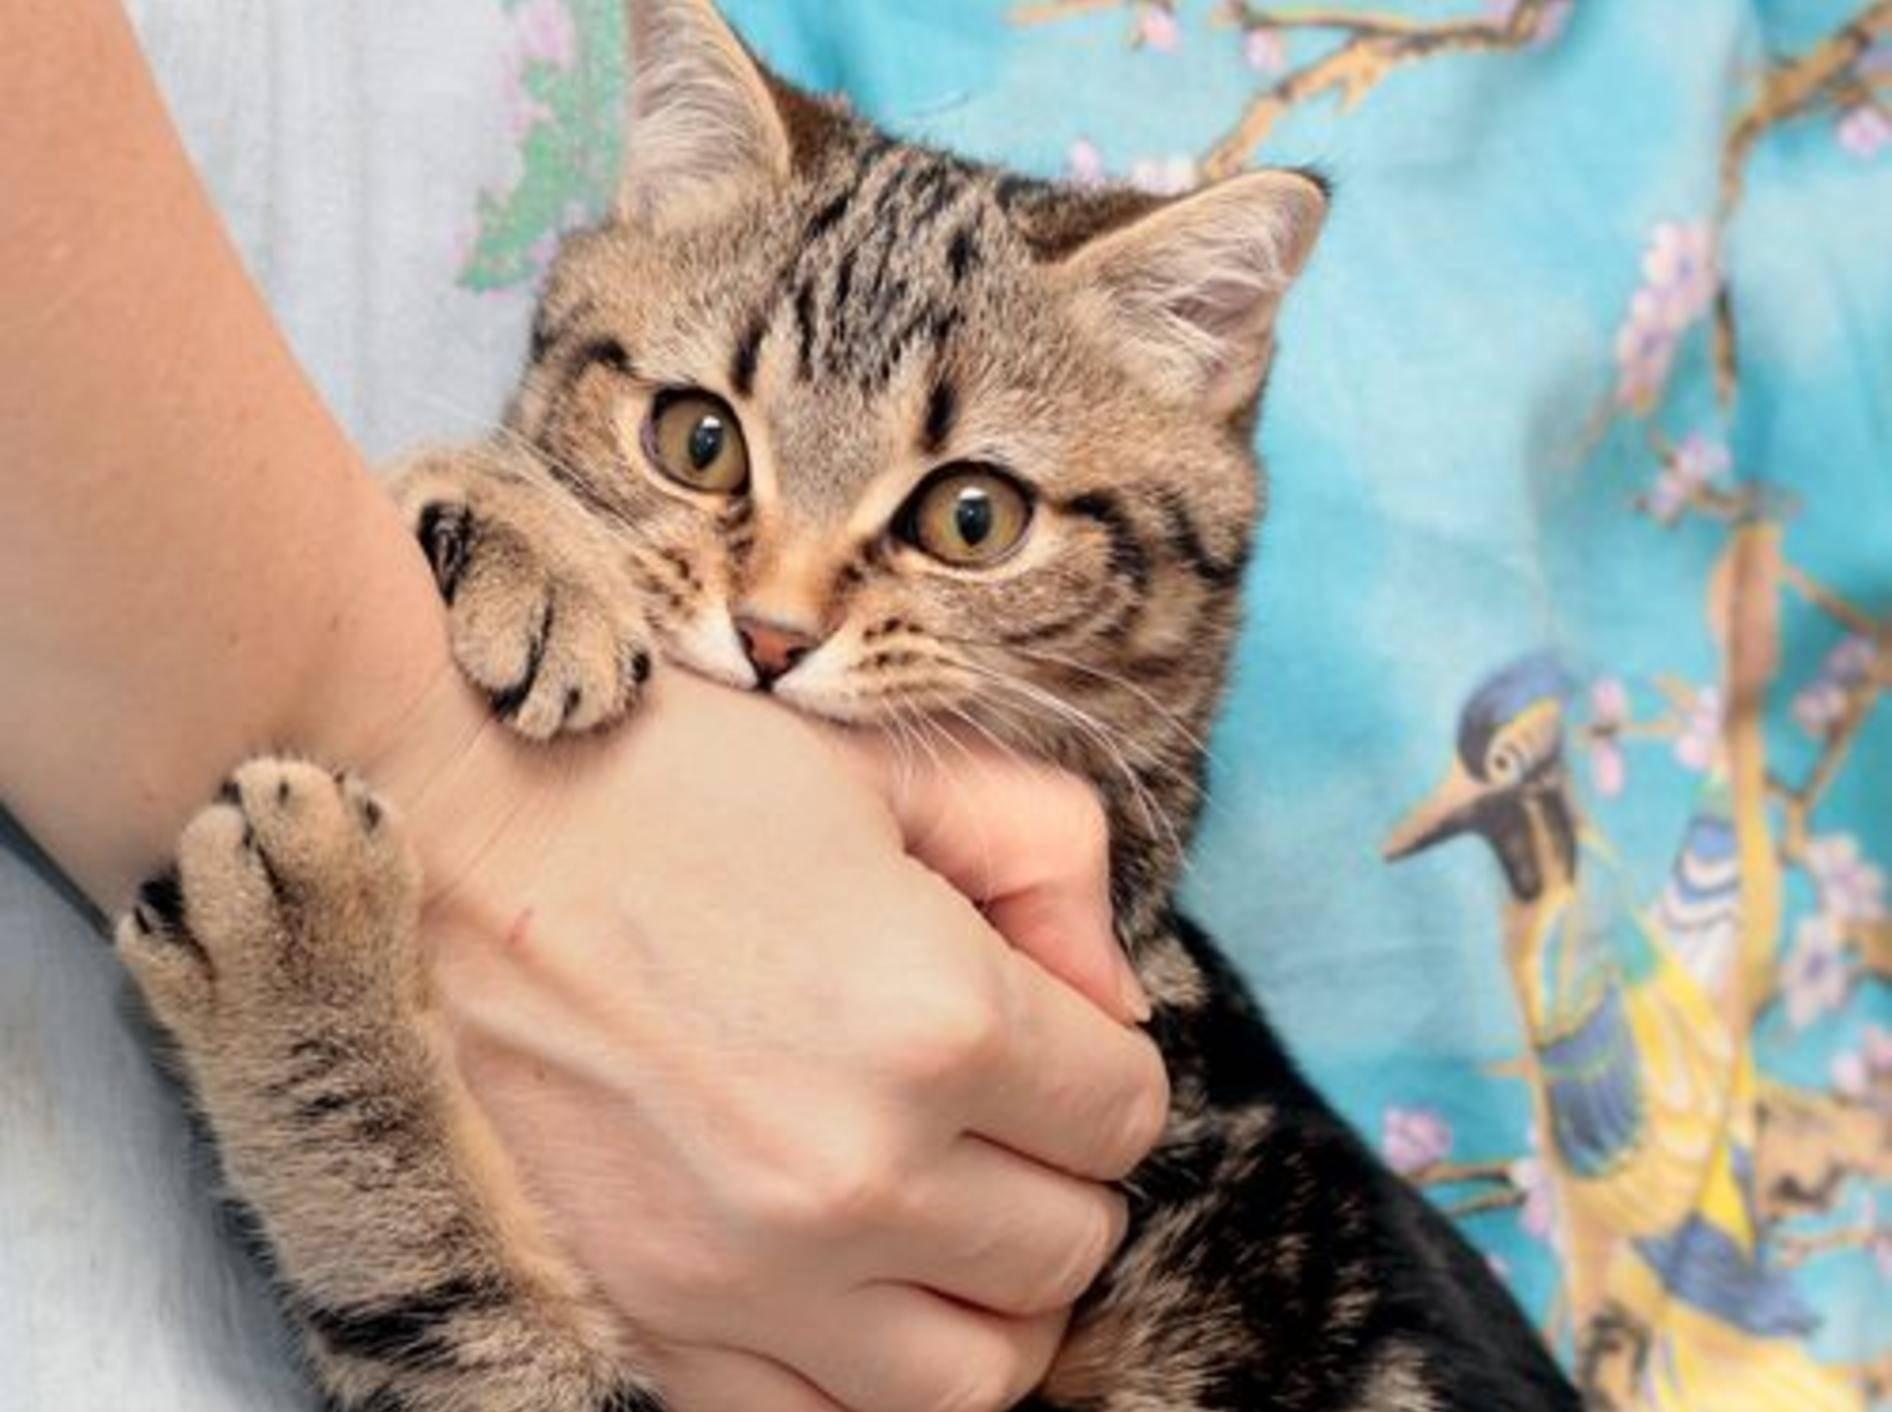 Katze beißt zu: Nicht immer böse gemeint